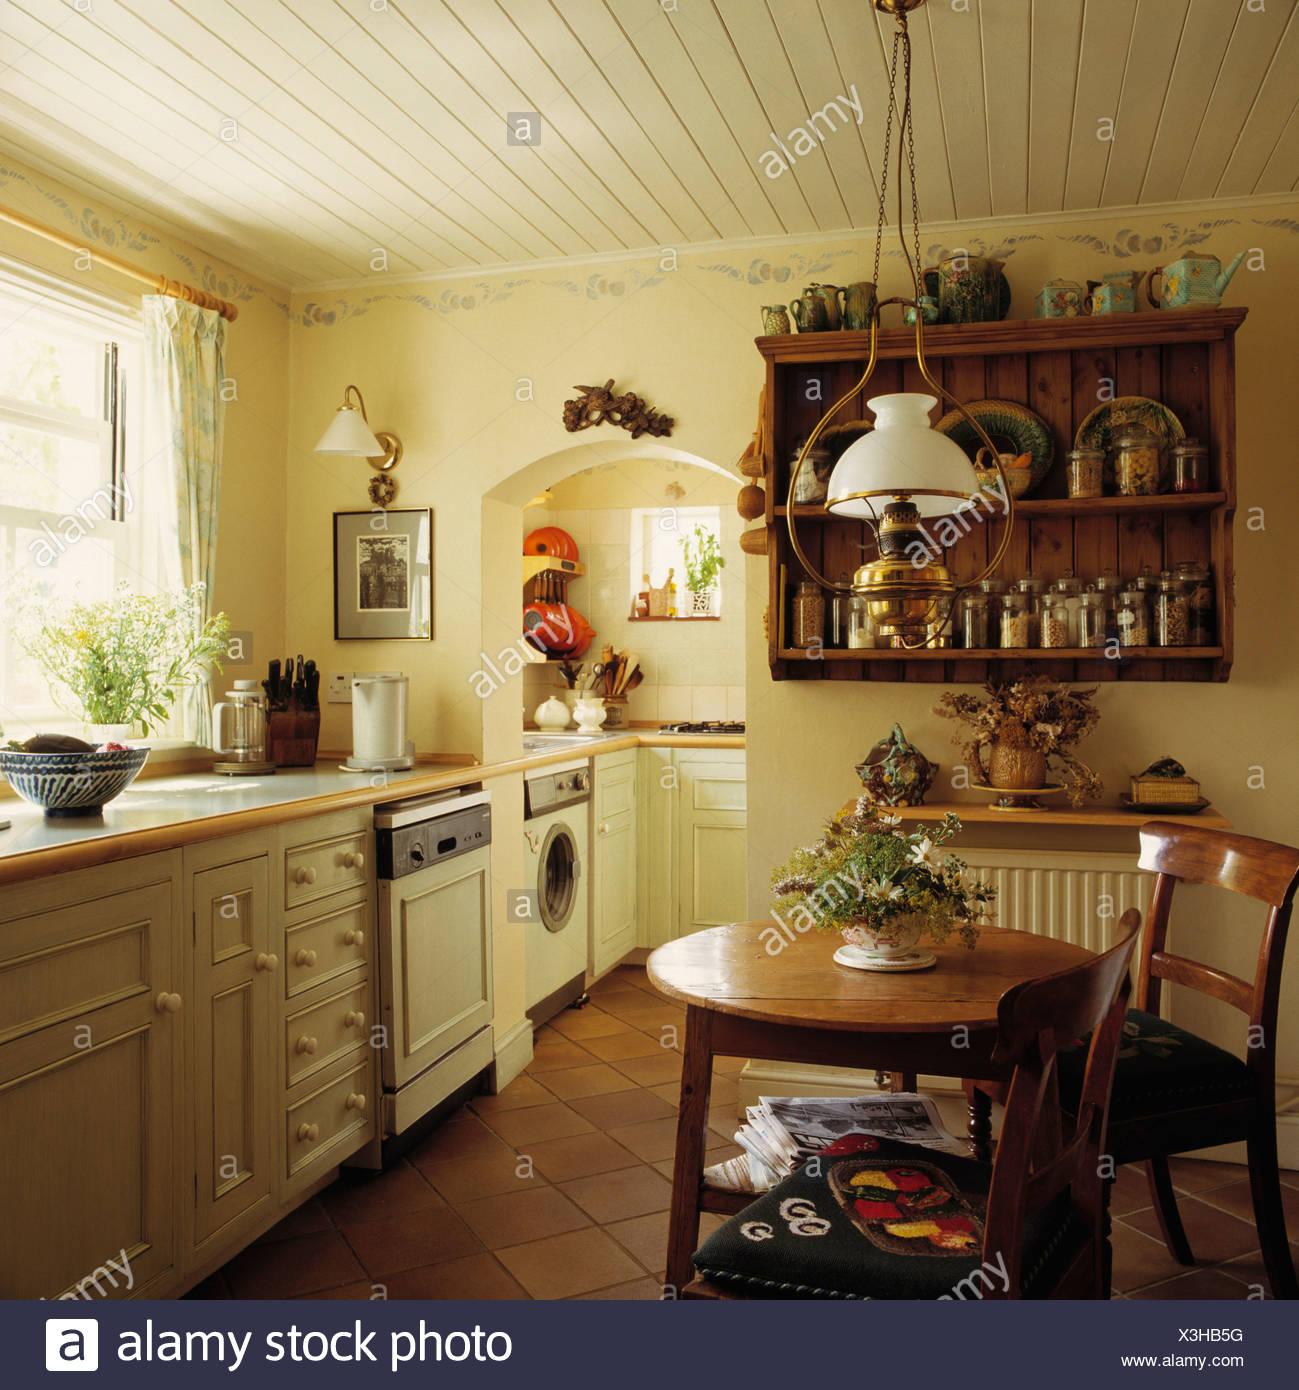 Wunderbar Hängelampe Küche Galerie Von Hängelampe Mit Glasschirm über Dem Kleinen Holztisch